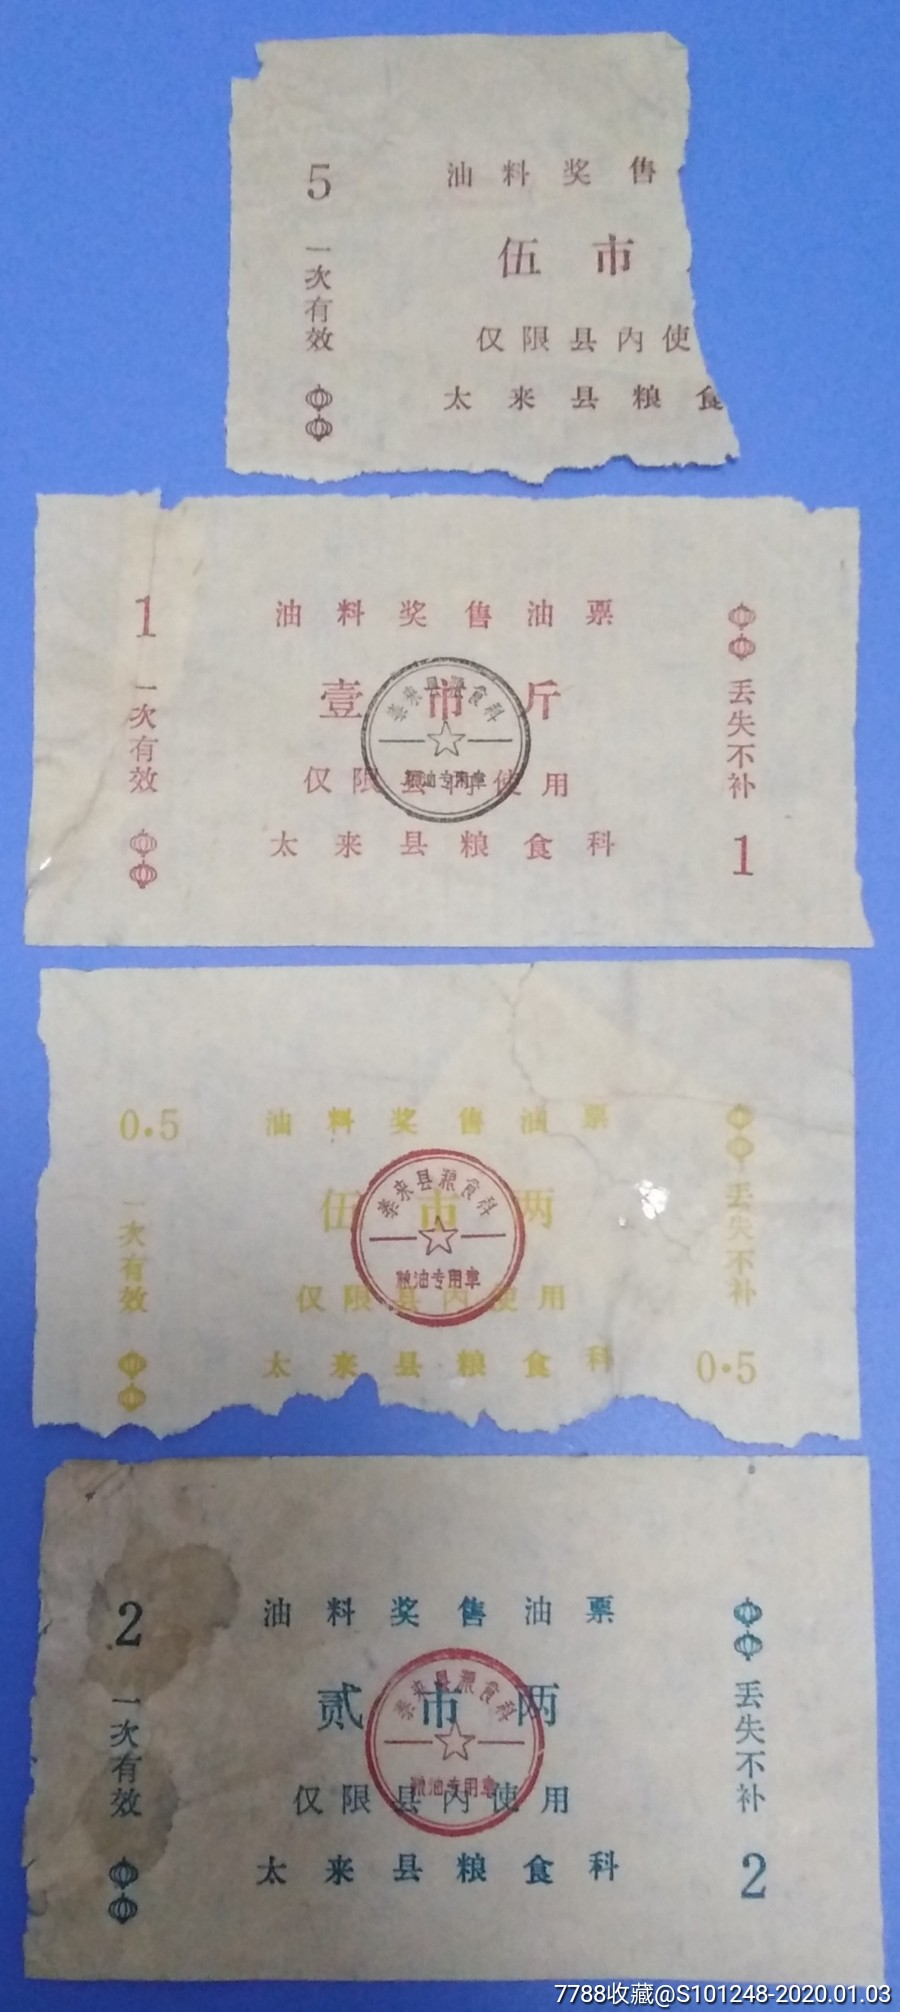 泰�碛土溪�售油票(品弱,2��底皱e版,1斤黑公章,5斤漏印公章)(au22059270)_